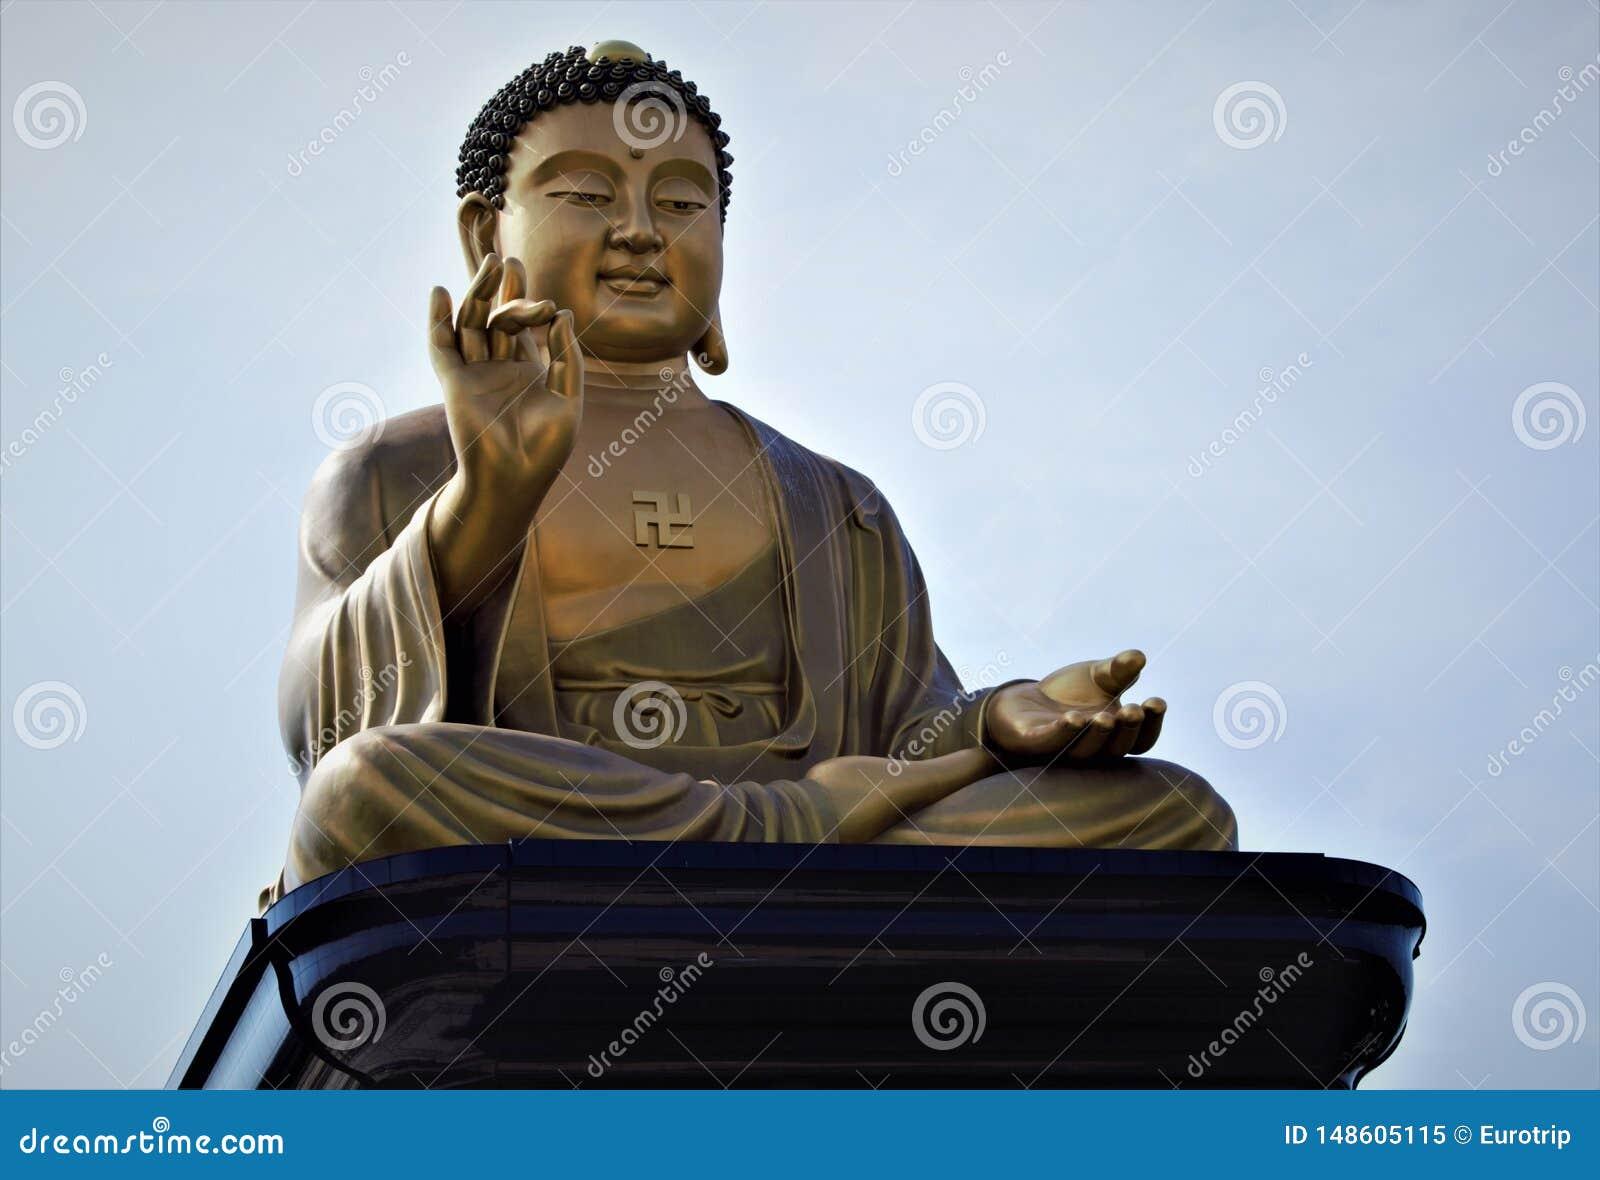 Big Buddha of Fo Guang Shan Buddha Memorial in Kaohsiung, Taiwan